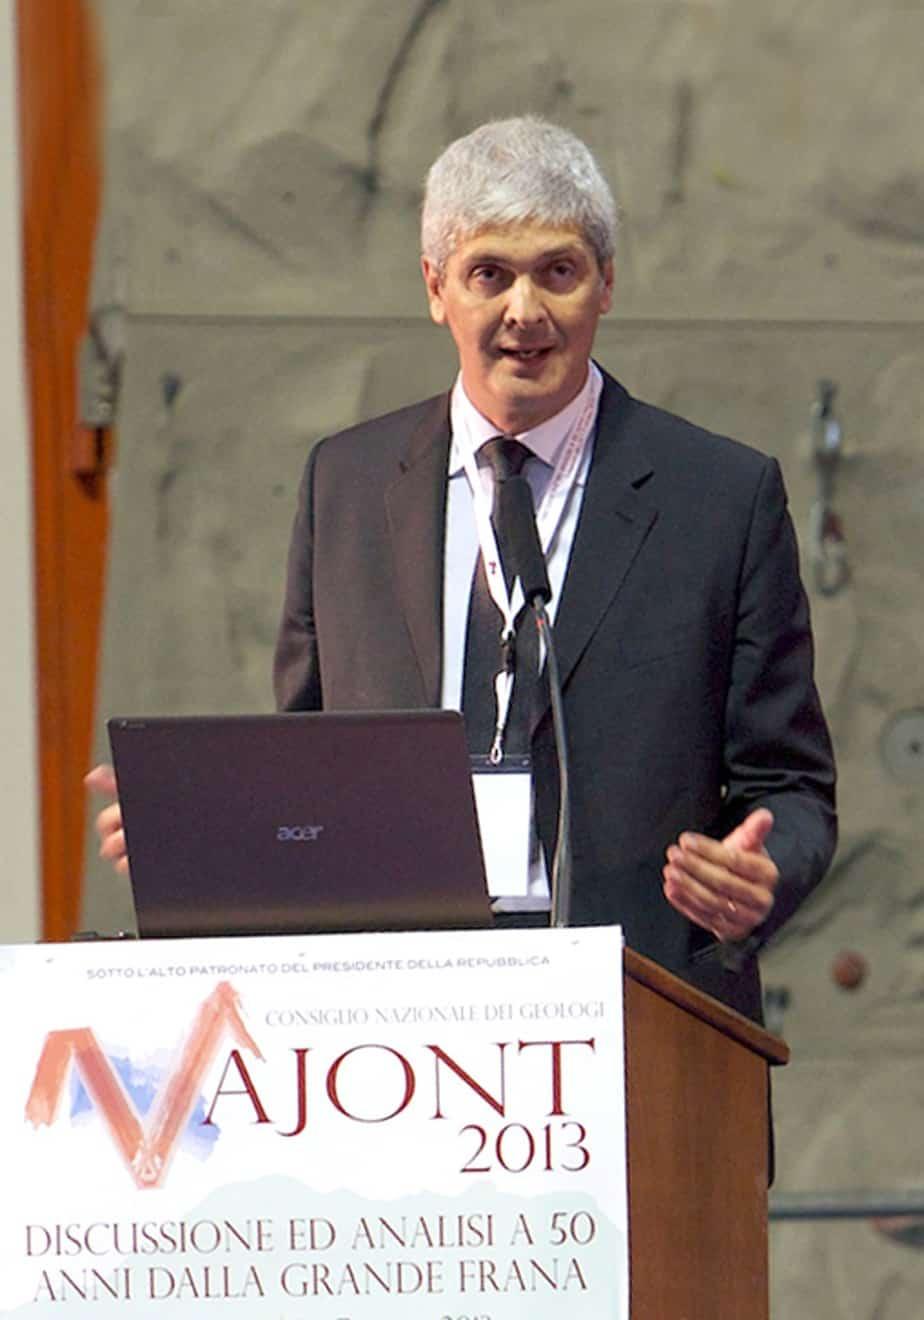 Il Dott. Gian Vito Graziano, Presidente del Consiglio Nazionale dei Geologi